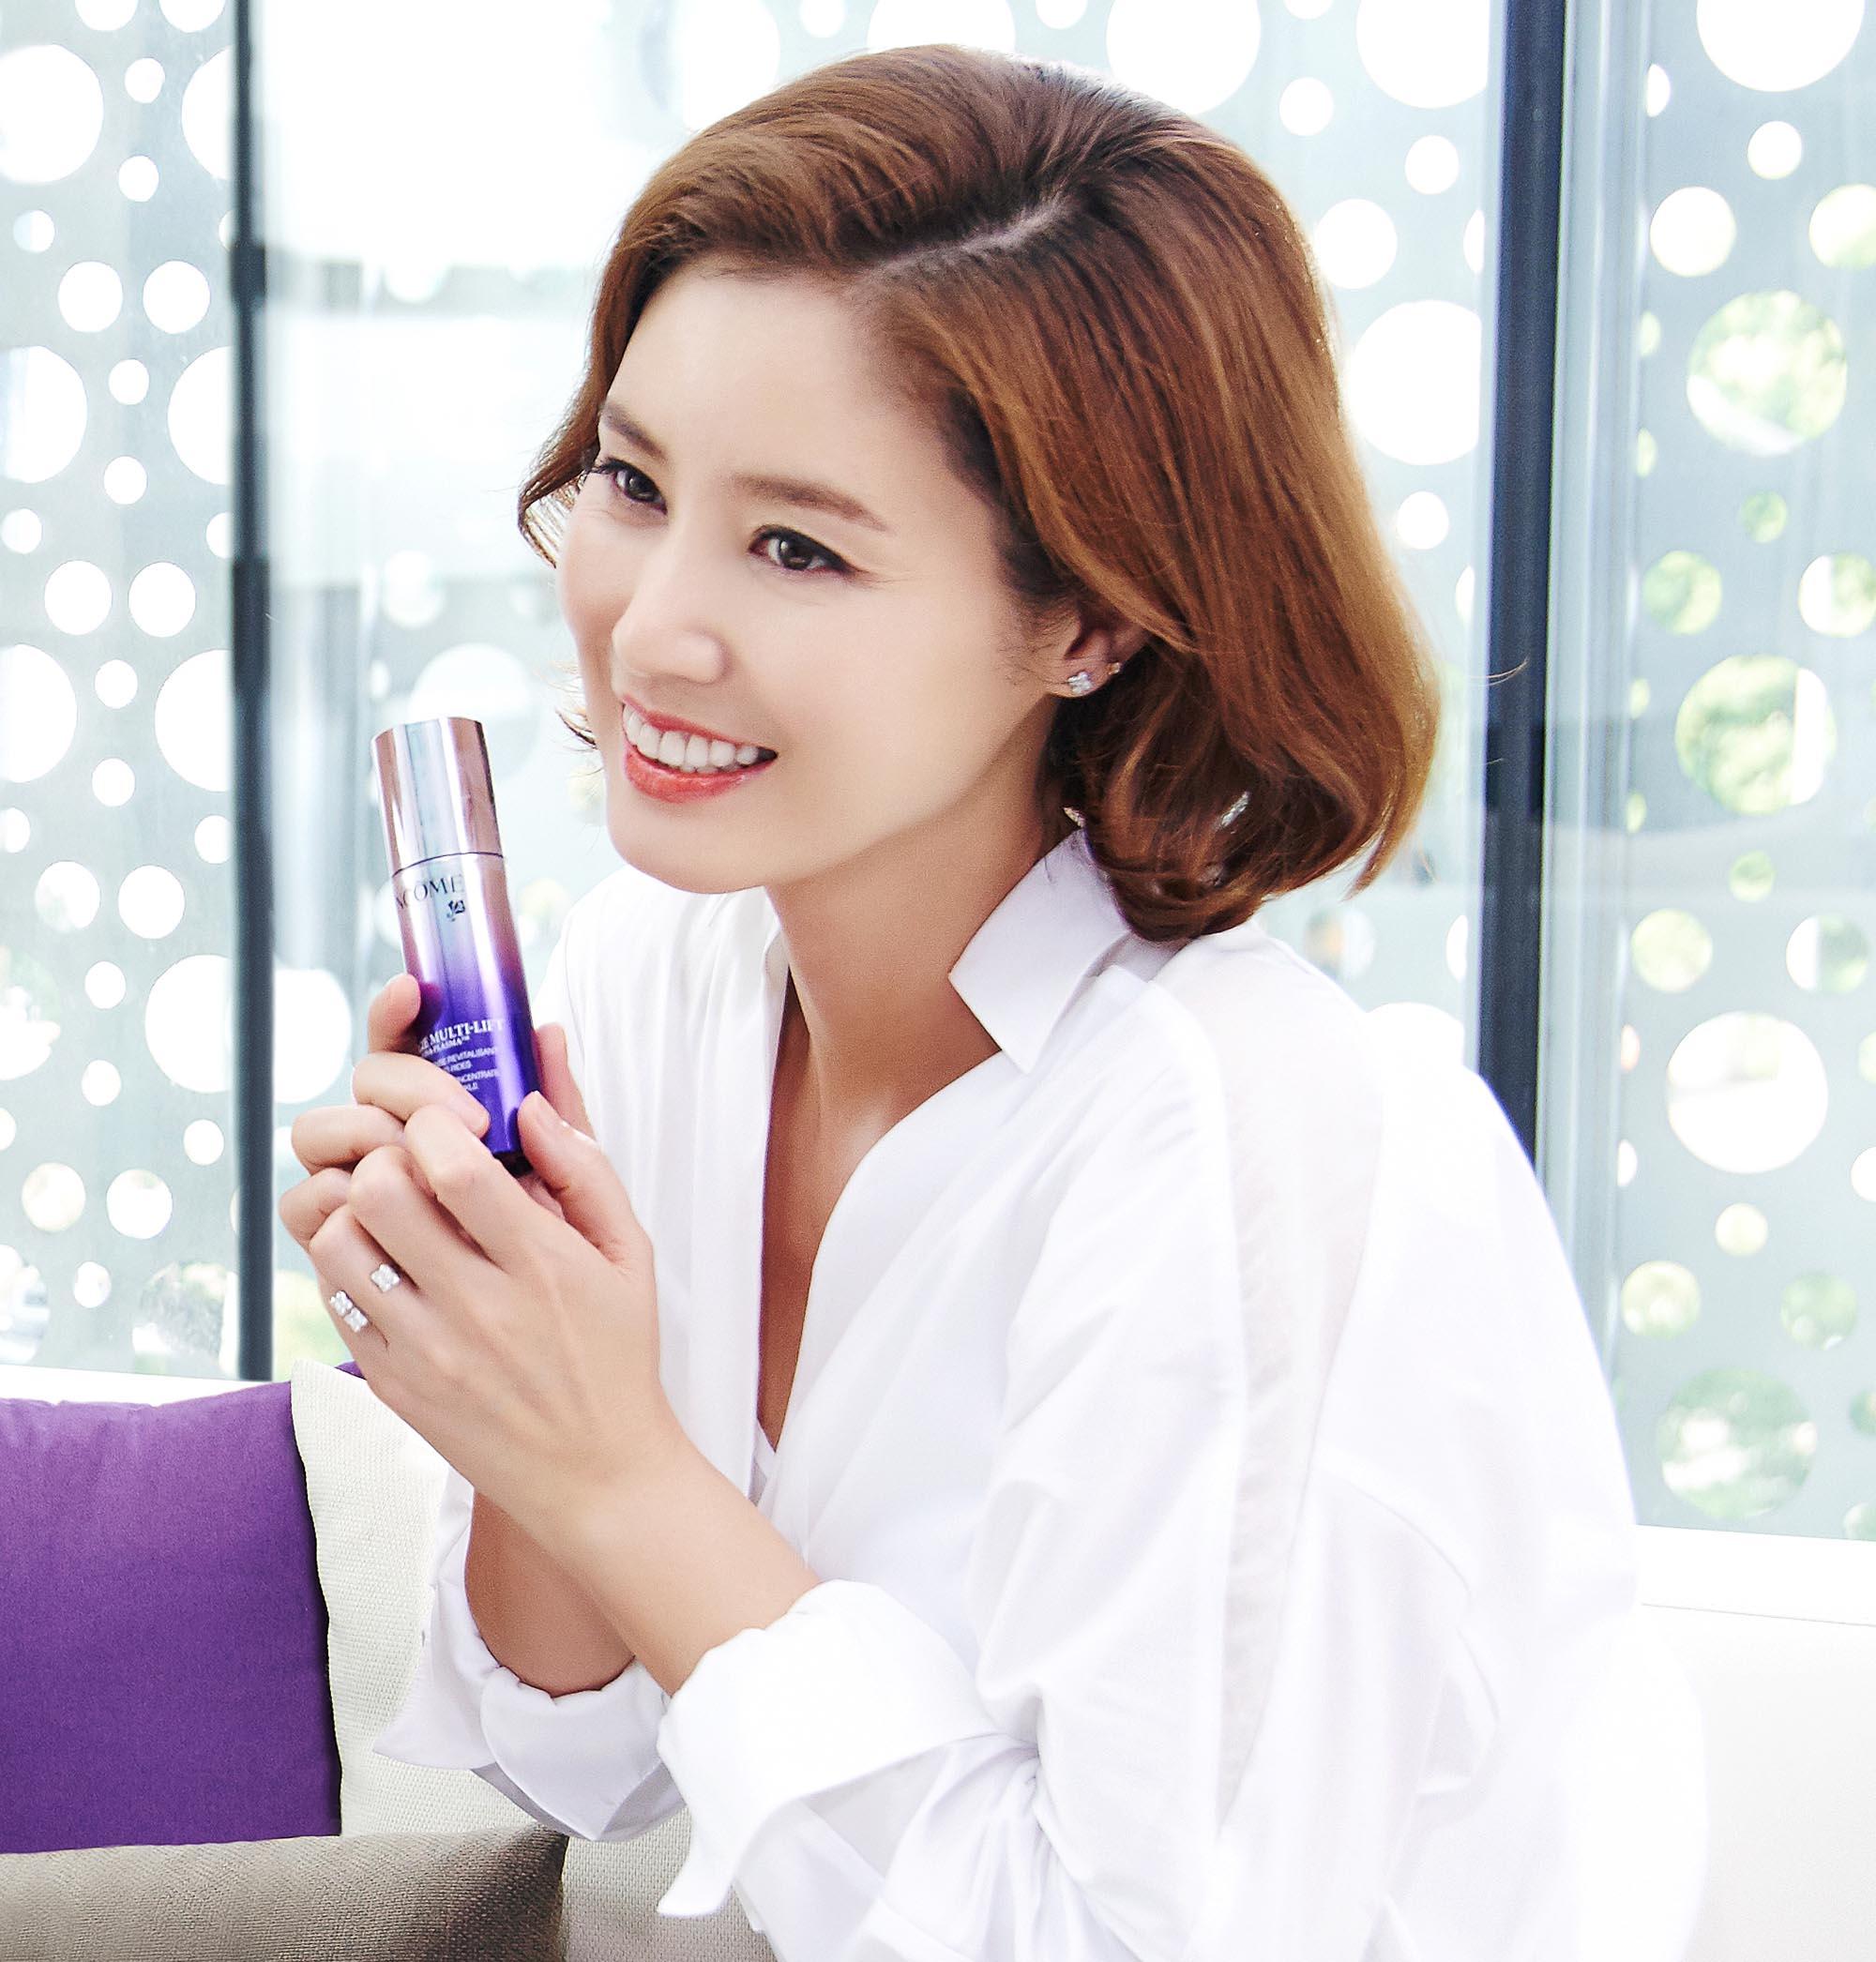 Mẹ Kim Tan Kim Sung Ryung: Cựu Hoa hậu Hàn có chồng đại gia và đứa con người Việt - Ảnh 6.